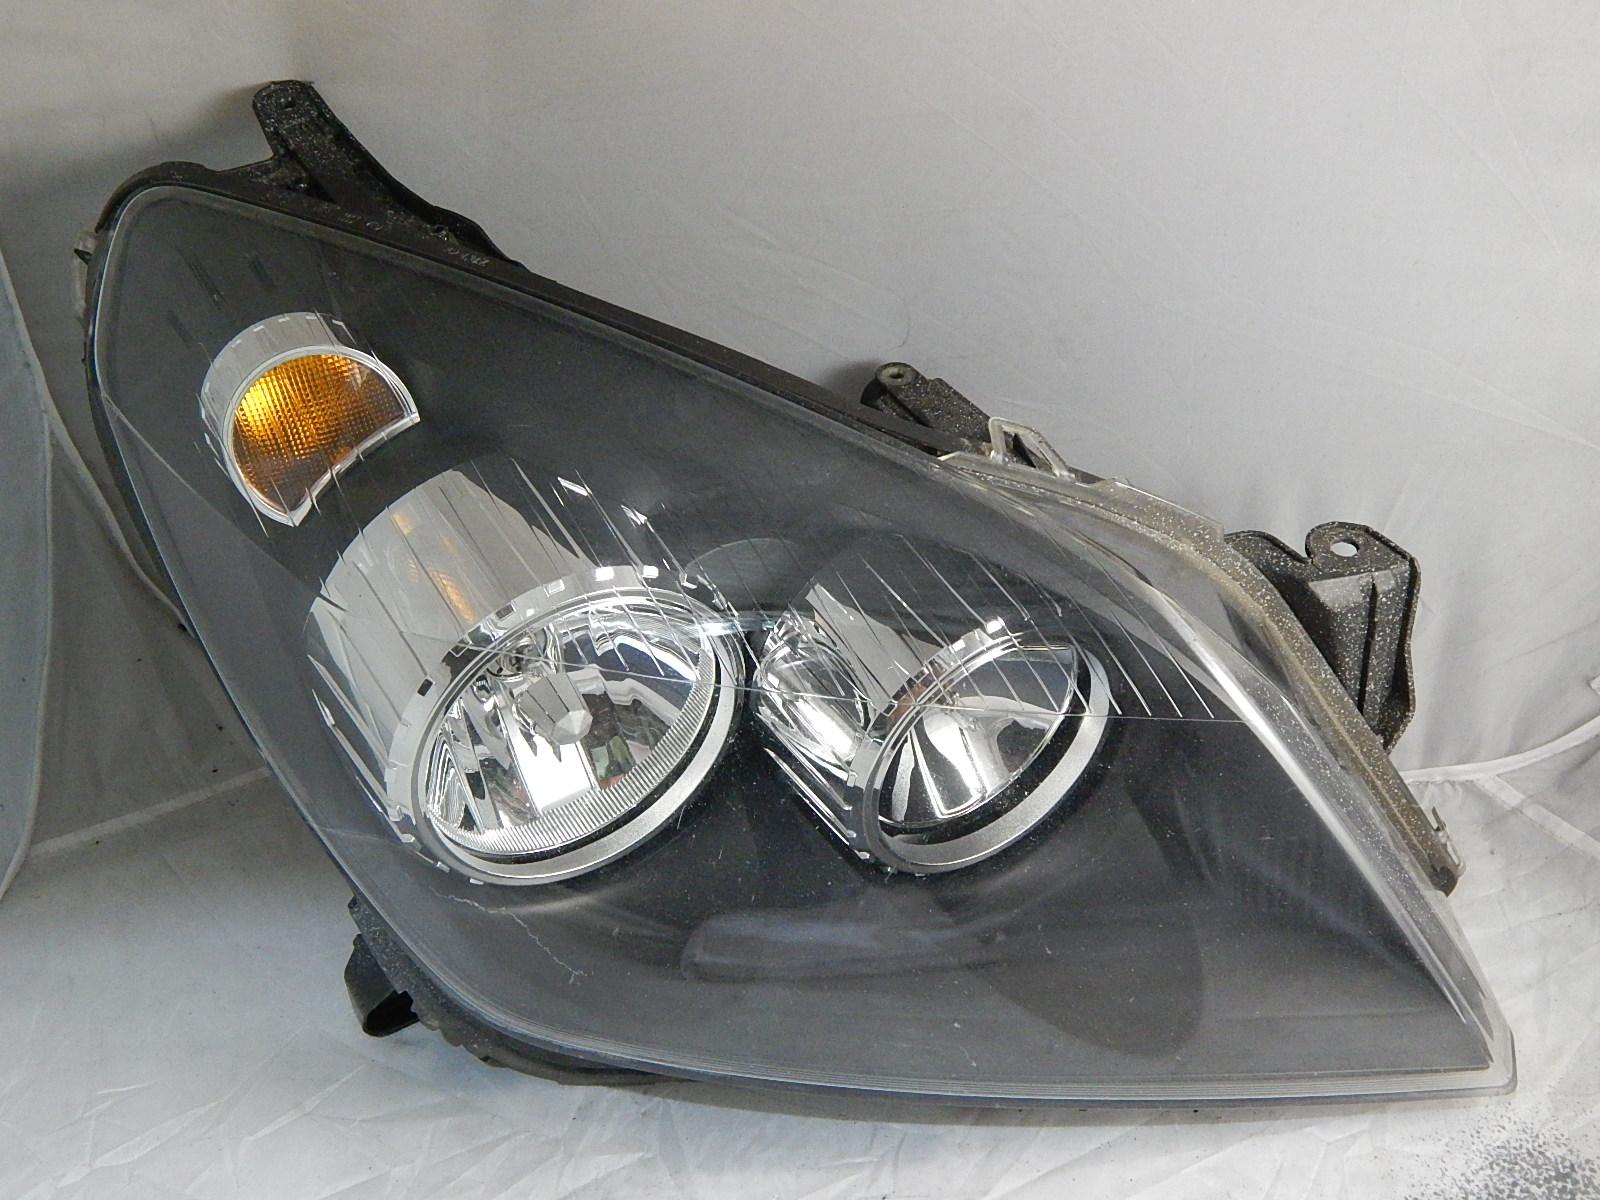 Naprawa świateł Samochodowych Opel Astra 3 H Prawa Cała